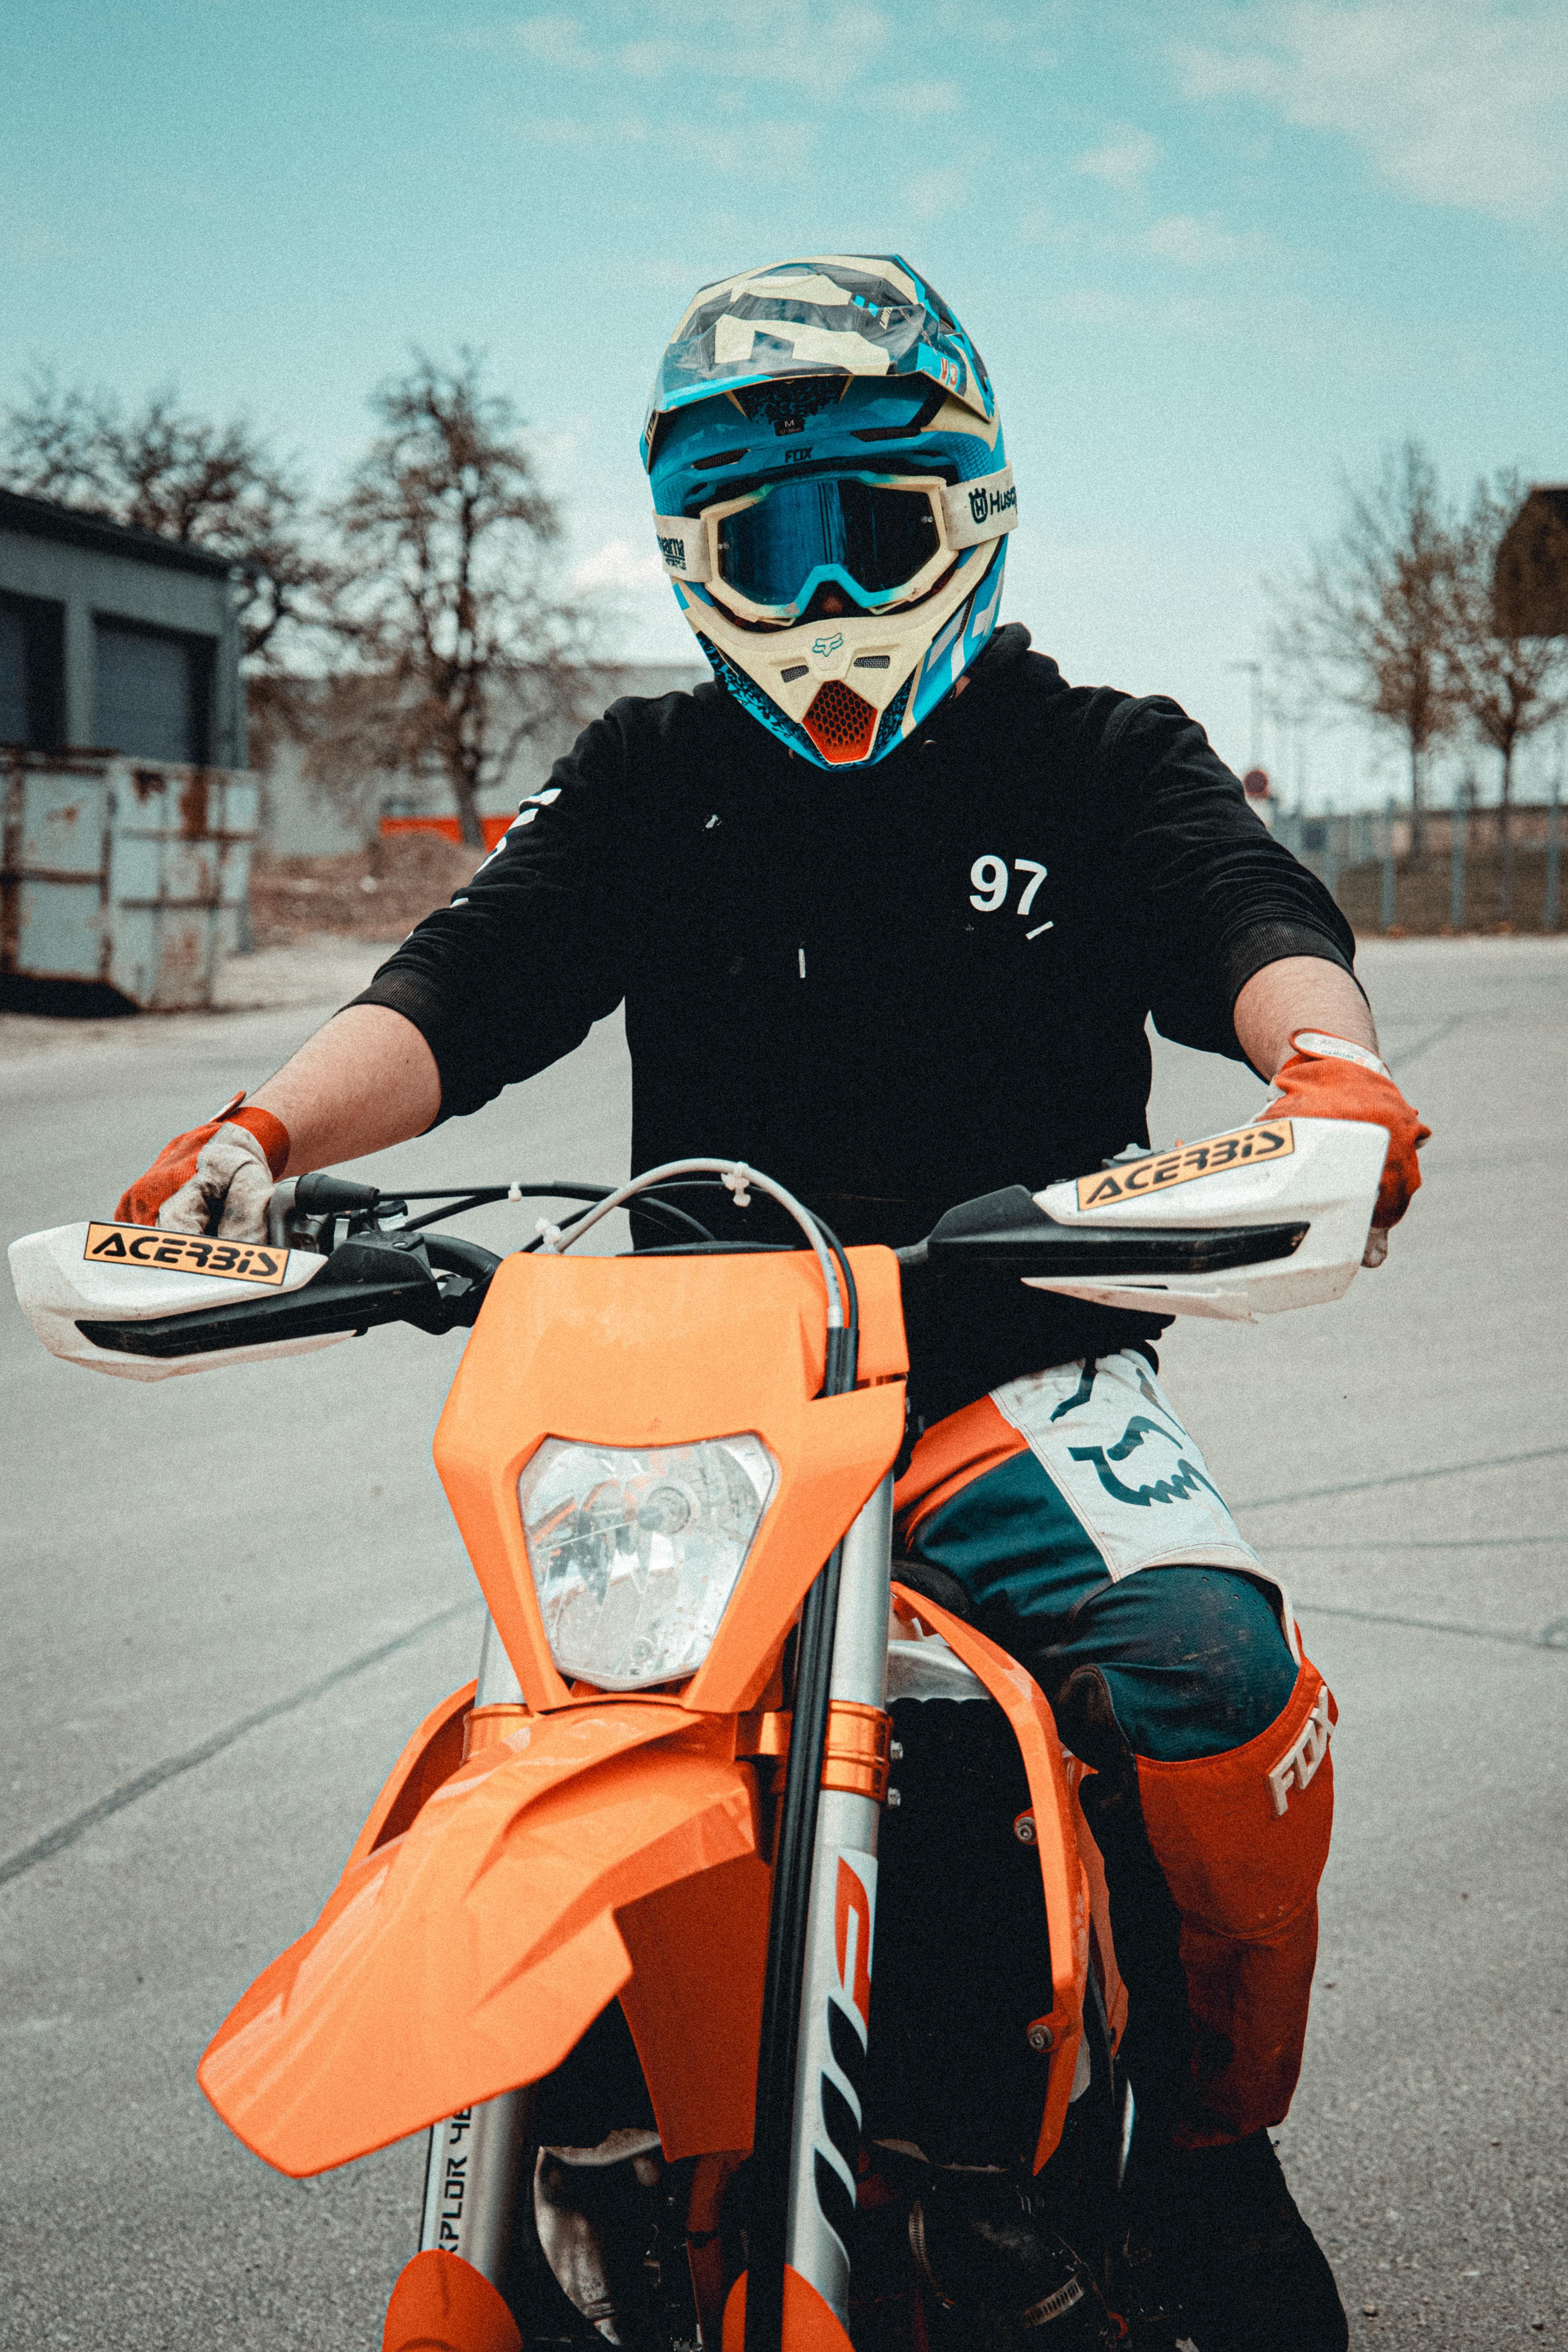 64159 скачать обои Мотоциклы, Мотоцикл, Мотоциклист, Шлем, Очки - заставки и картинки бесплатно